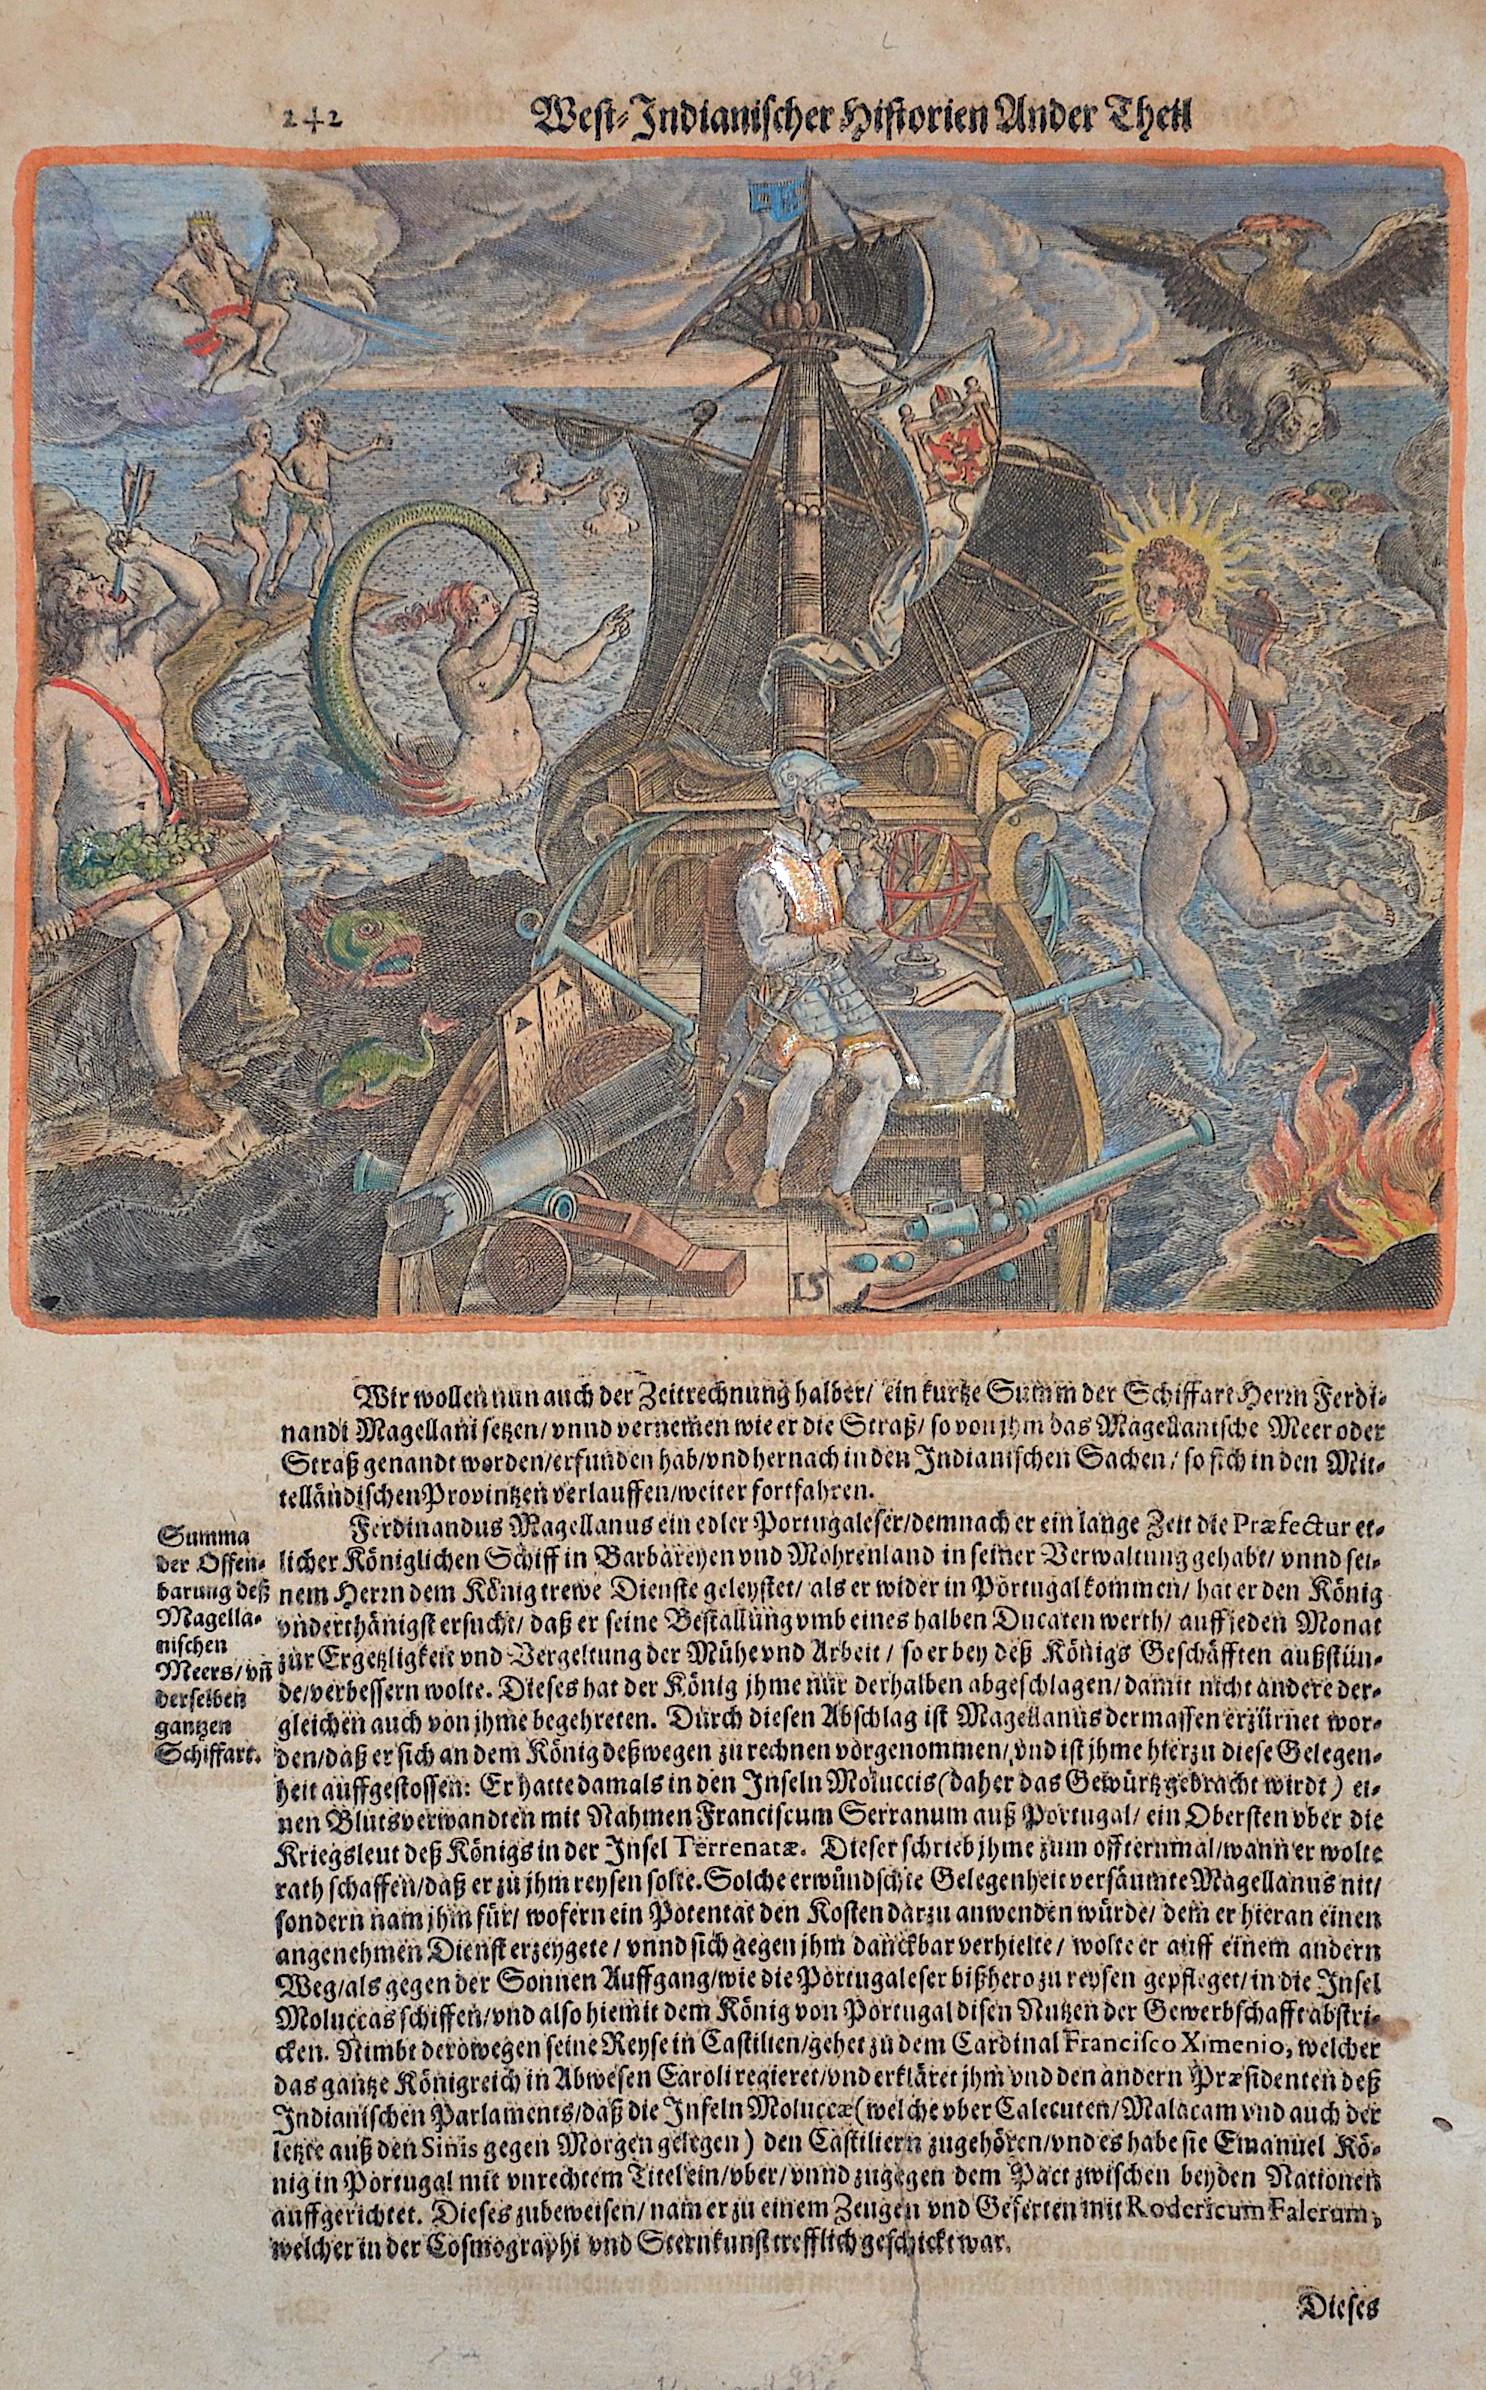 Bry, de Theodor, Dietrich West-Indianischer Historien Ander Theil